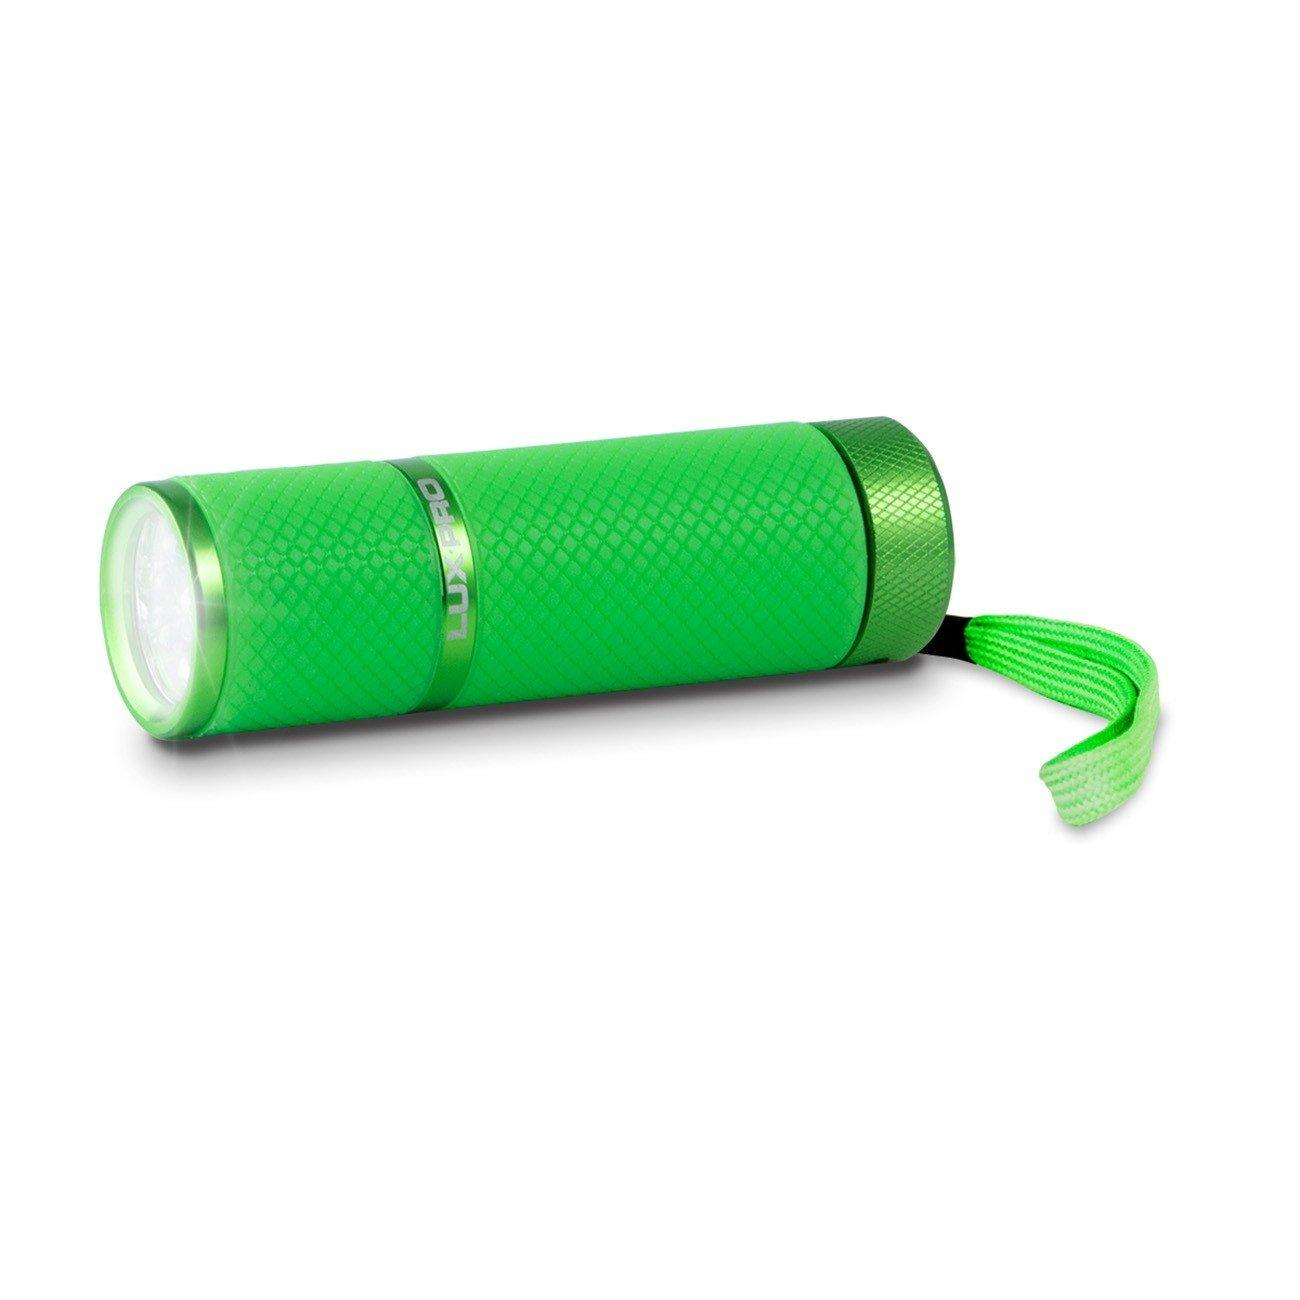 Lux-pro lp395-lg Gele Glow in Dark 9 LED Taschenlampe, hellgrün